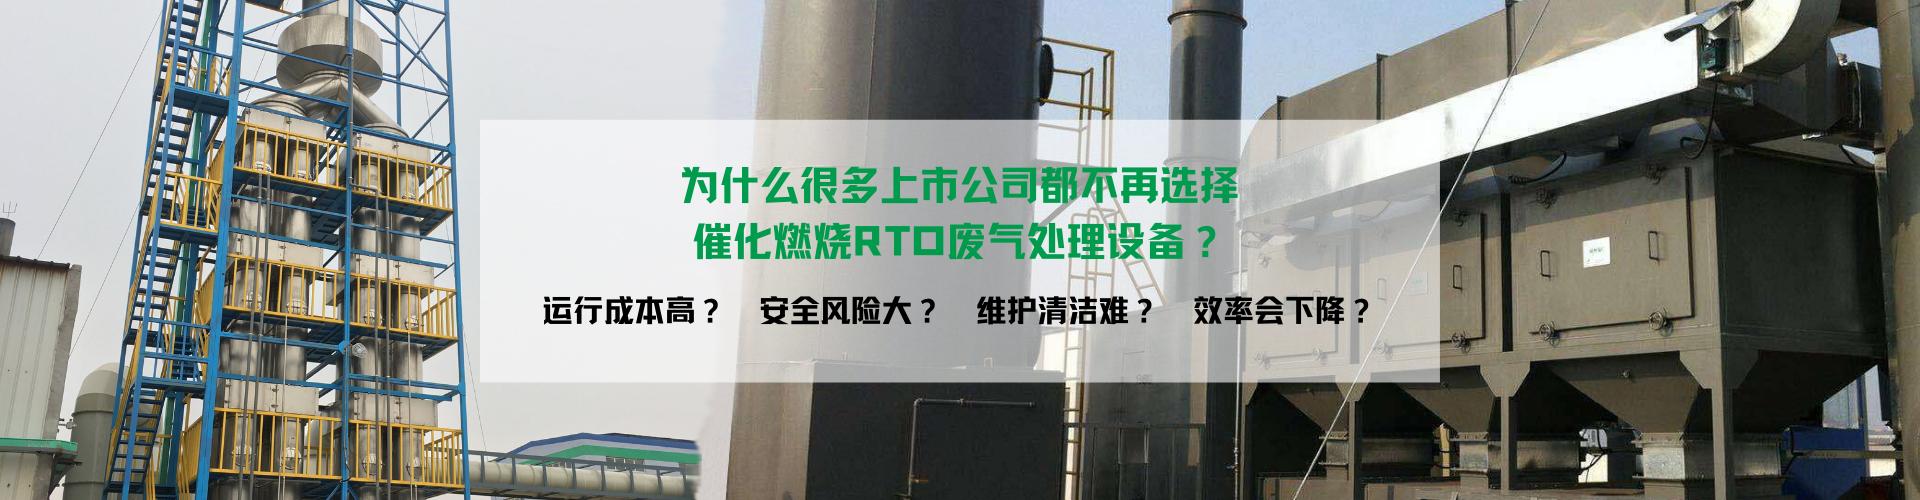 催化燃烧RTO设备替代品